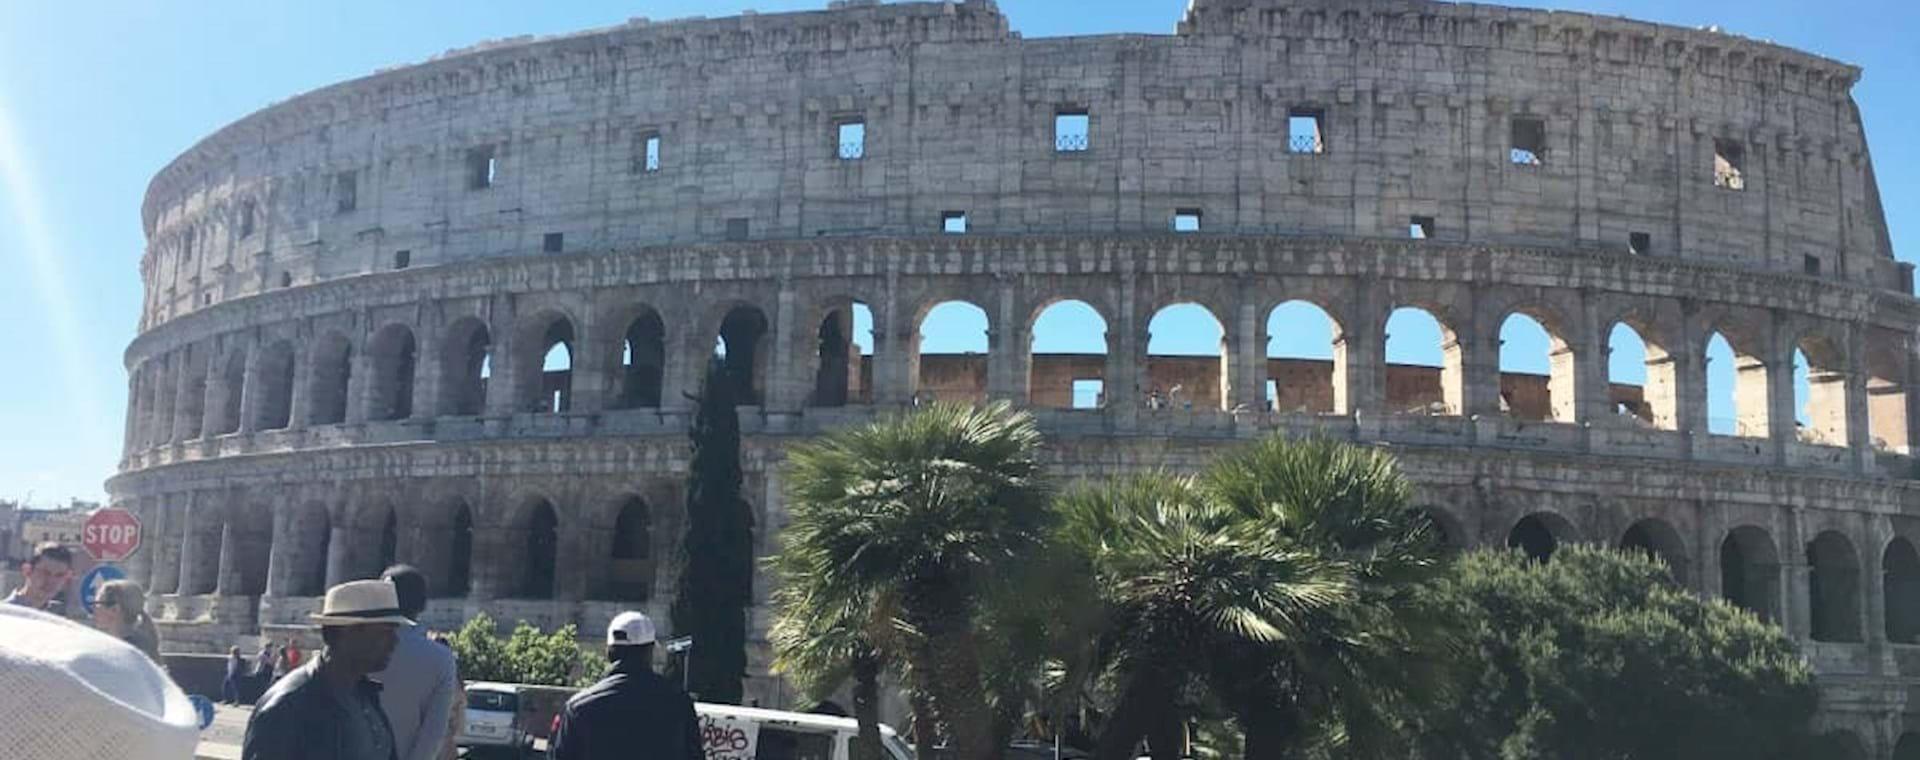 Colosseum View from Largo Gaetana Agnese